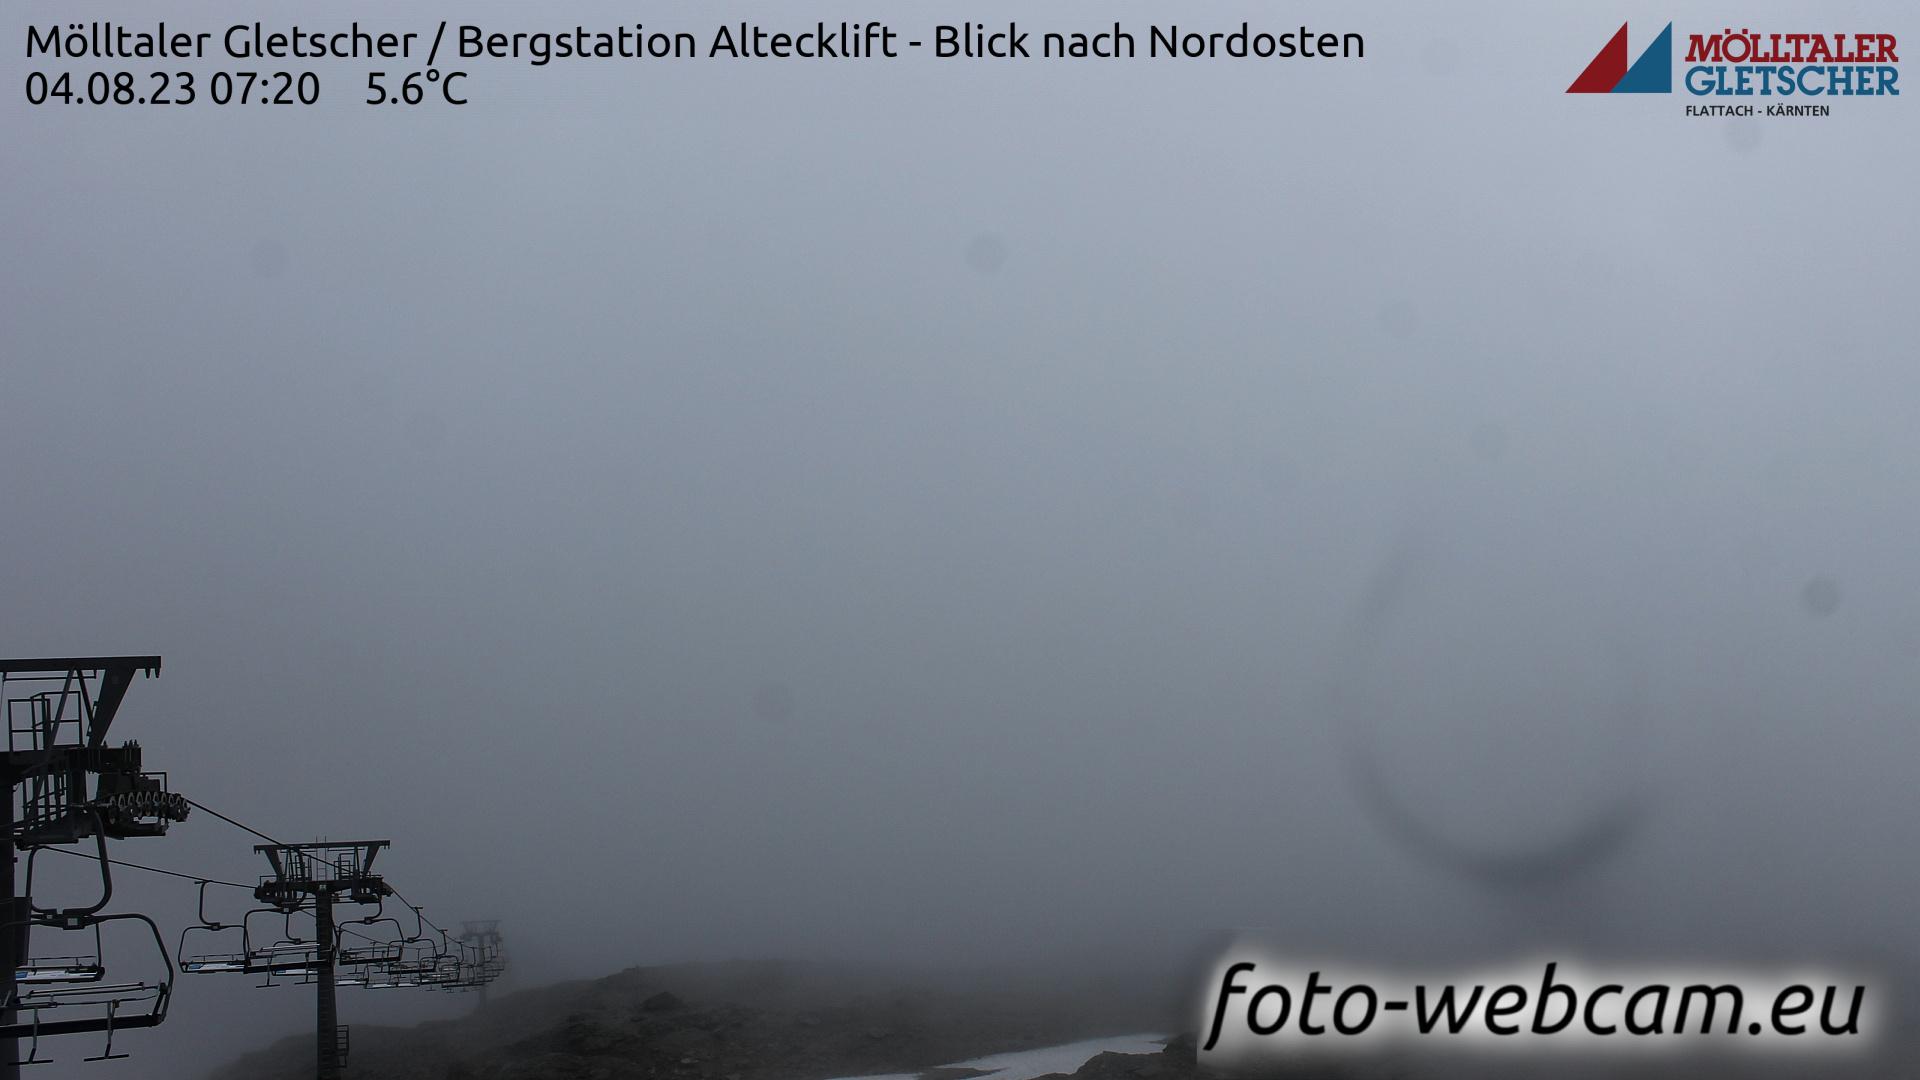 Mölltaler Gletscher Fr. 07:32